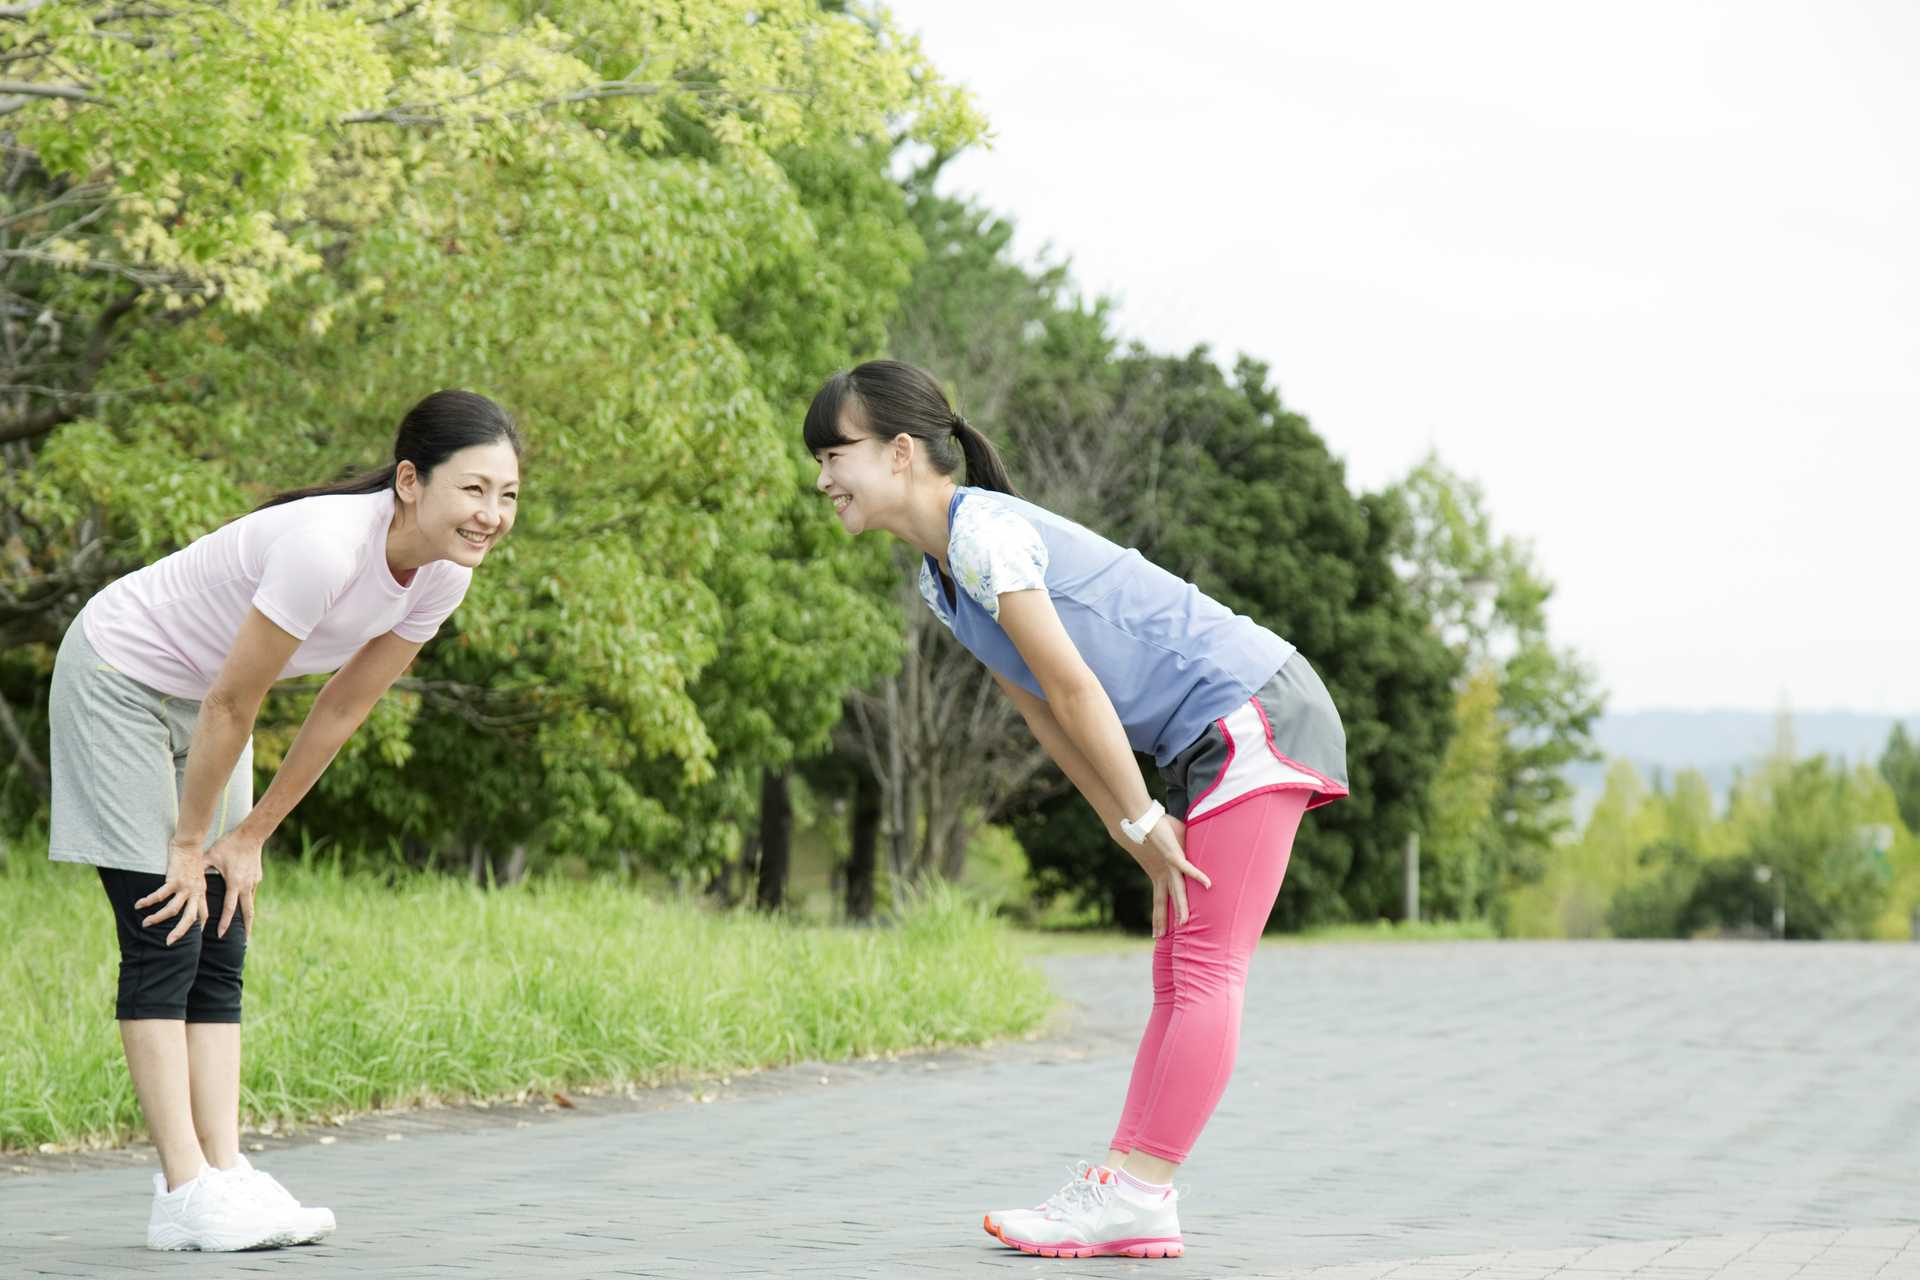 ウォーキングほど、運動量の調整がしやすい有酸素運動はない。 | ウォーキング・ダイエットのすすめ